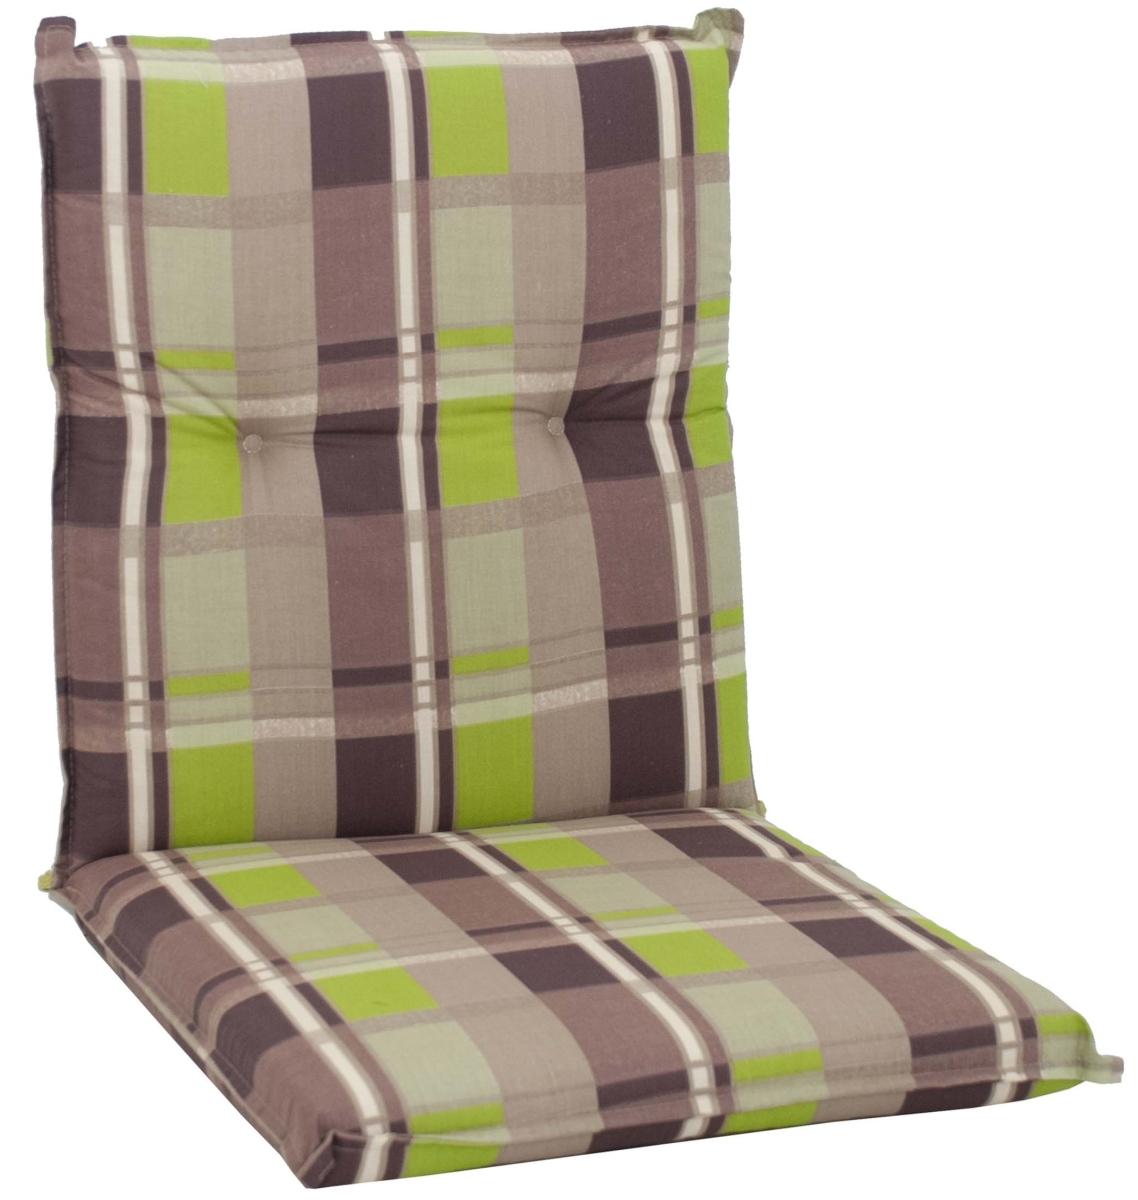 Záhradný sedák - Doppler - Brillant - 511220B 2102